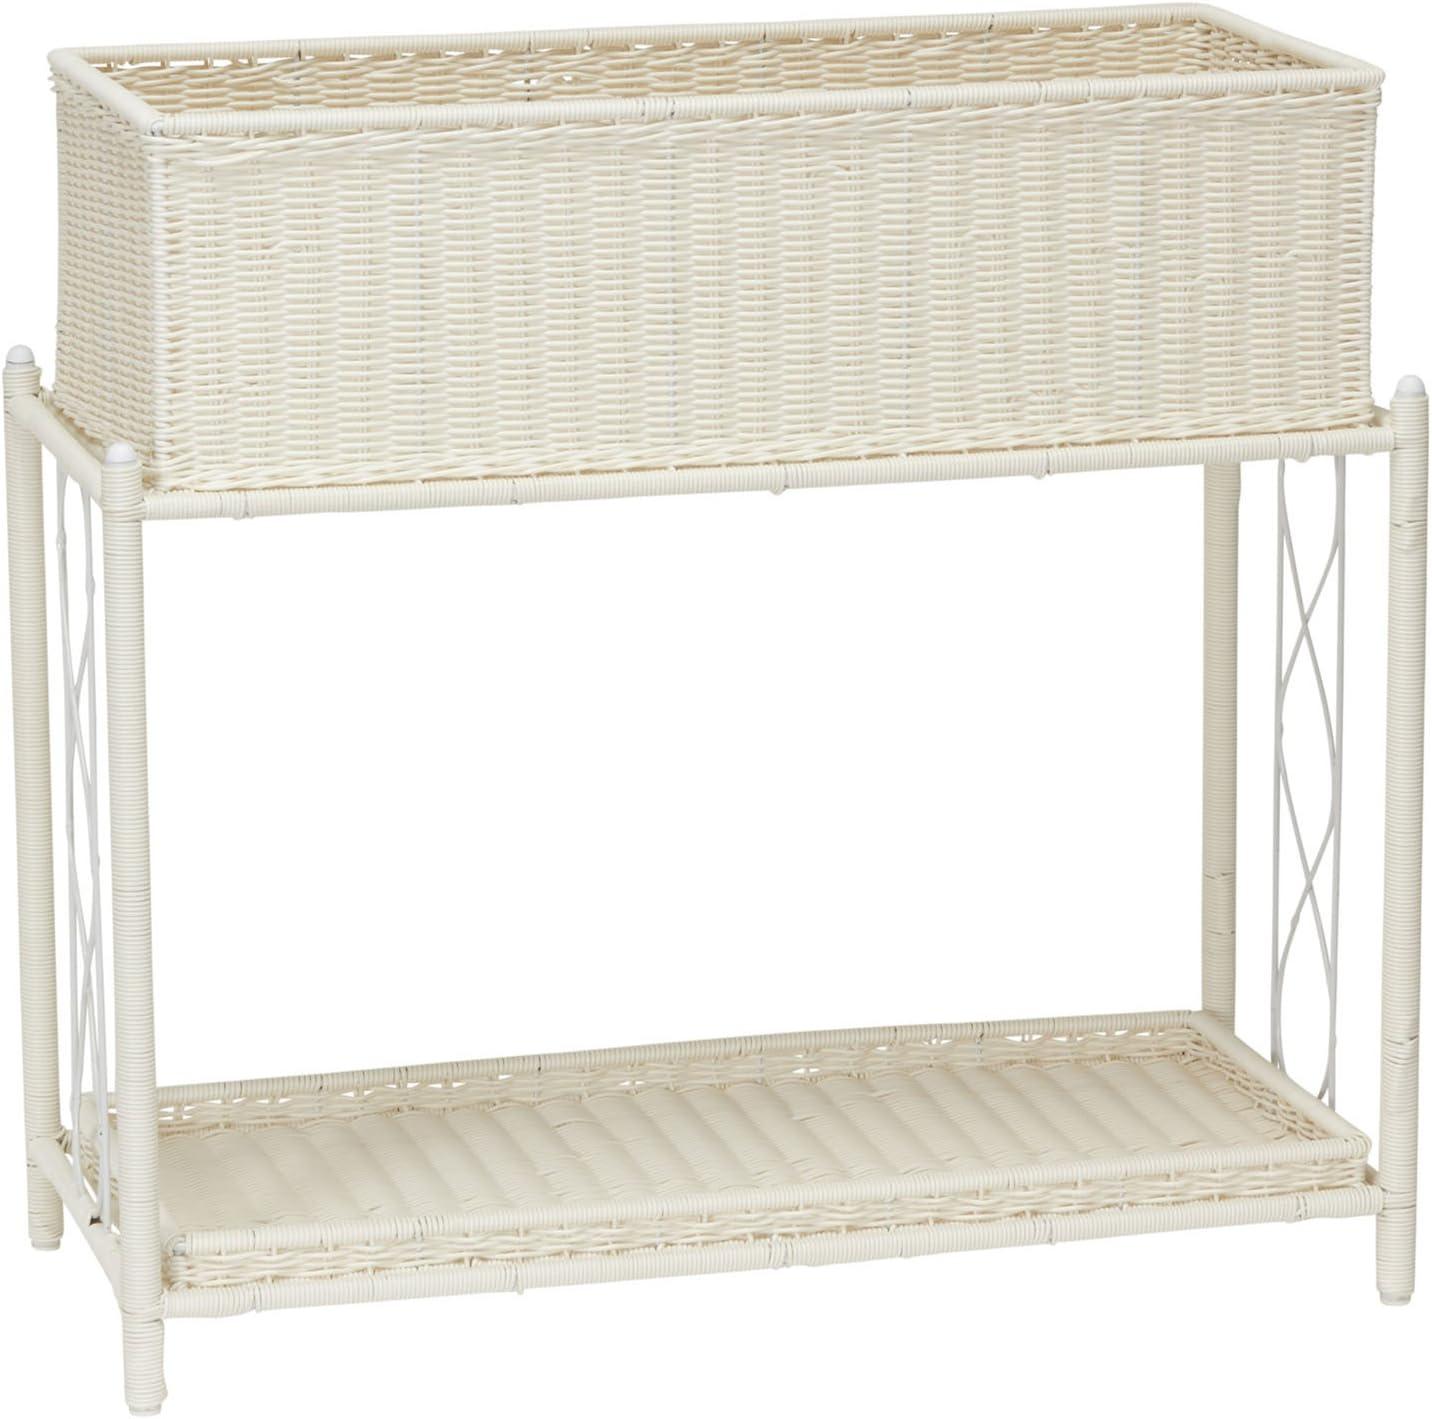 Household Essentials ML-5017 Indoor Outdoor Resin Wicker Planter Stand, 2 Piece